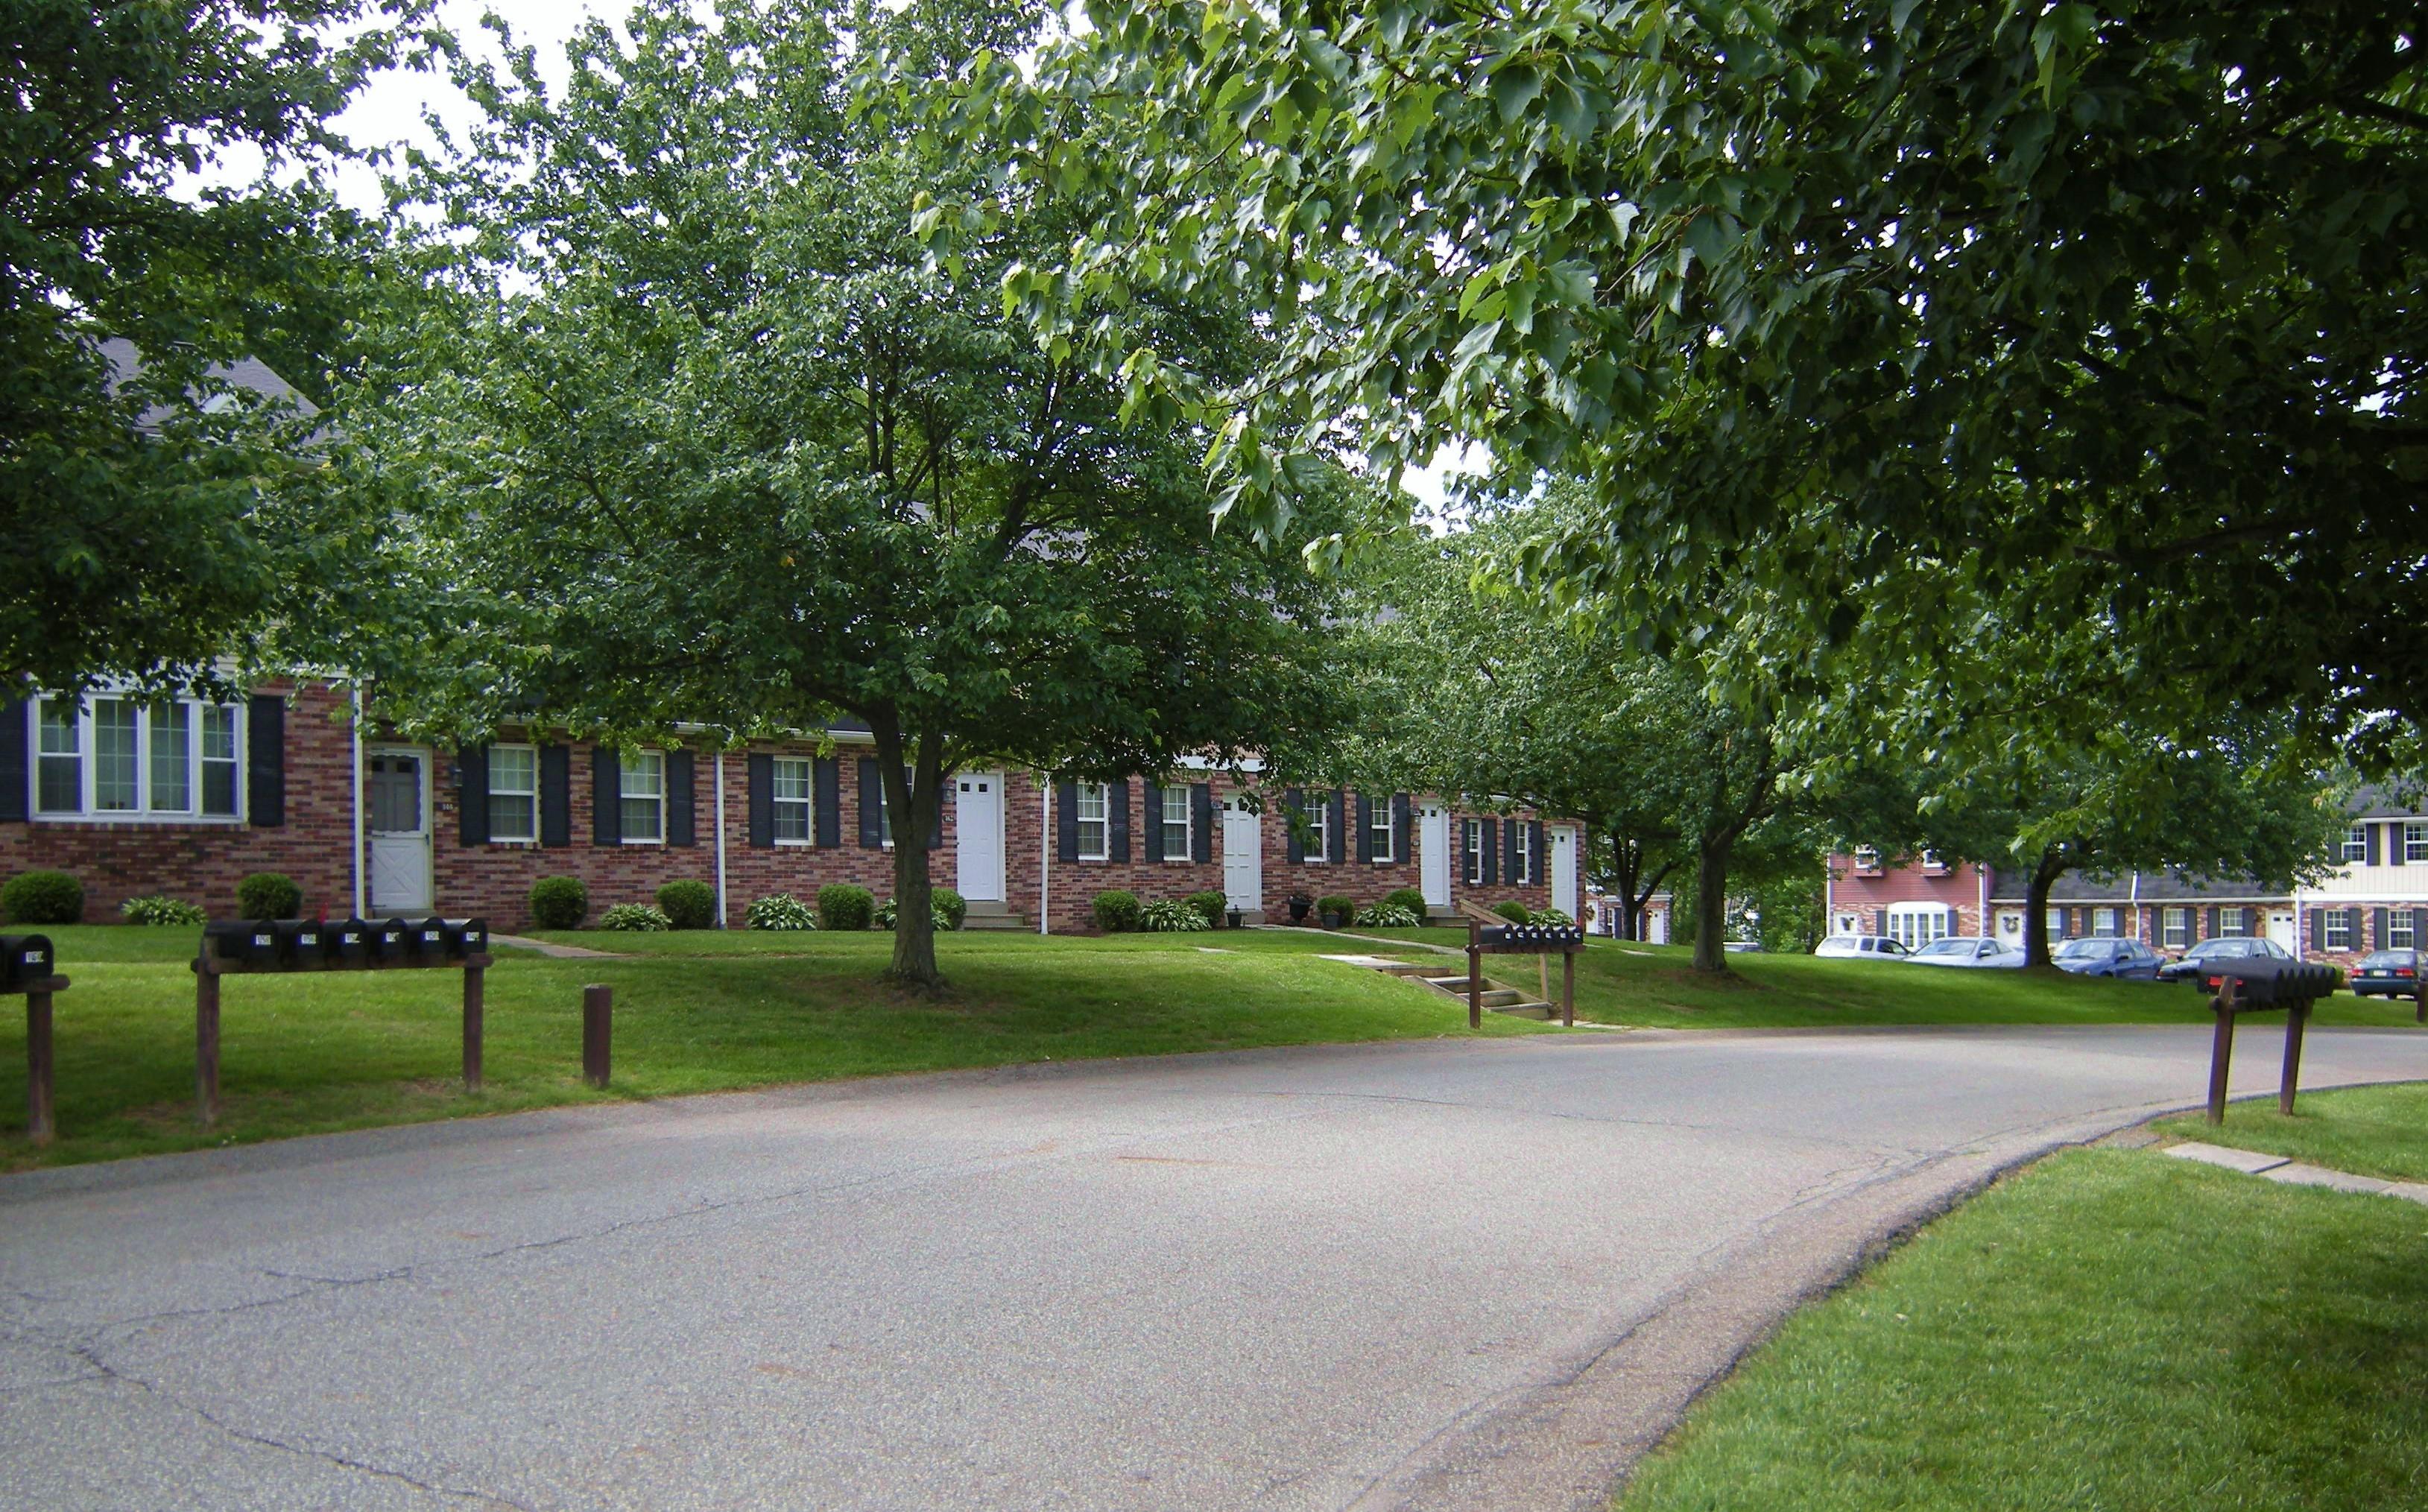 Fieldgate Drive